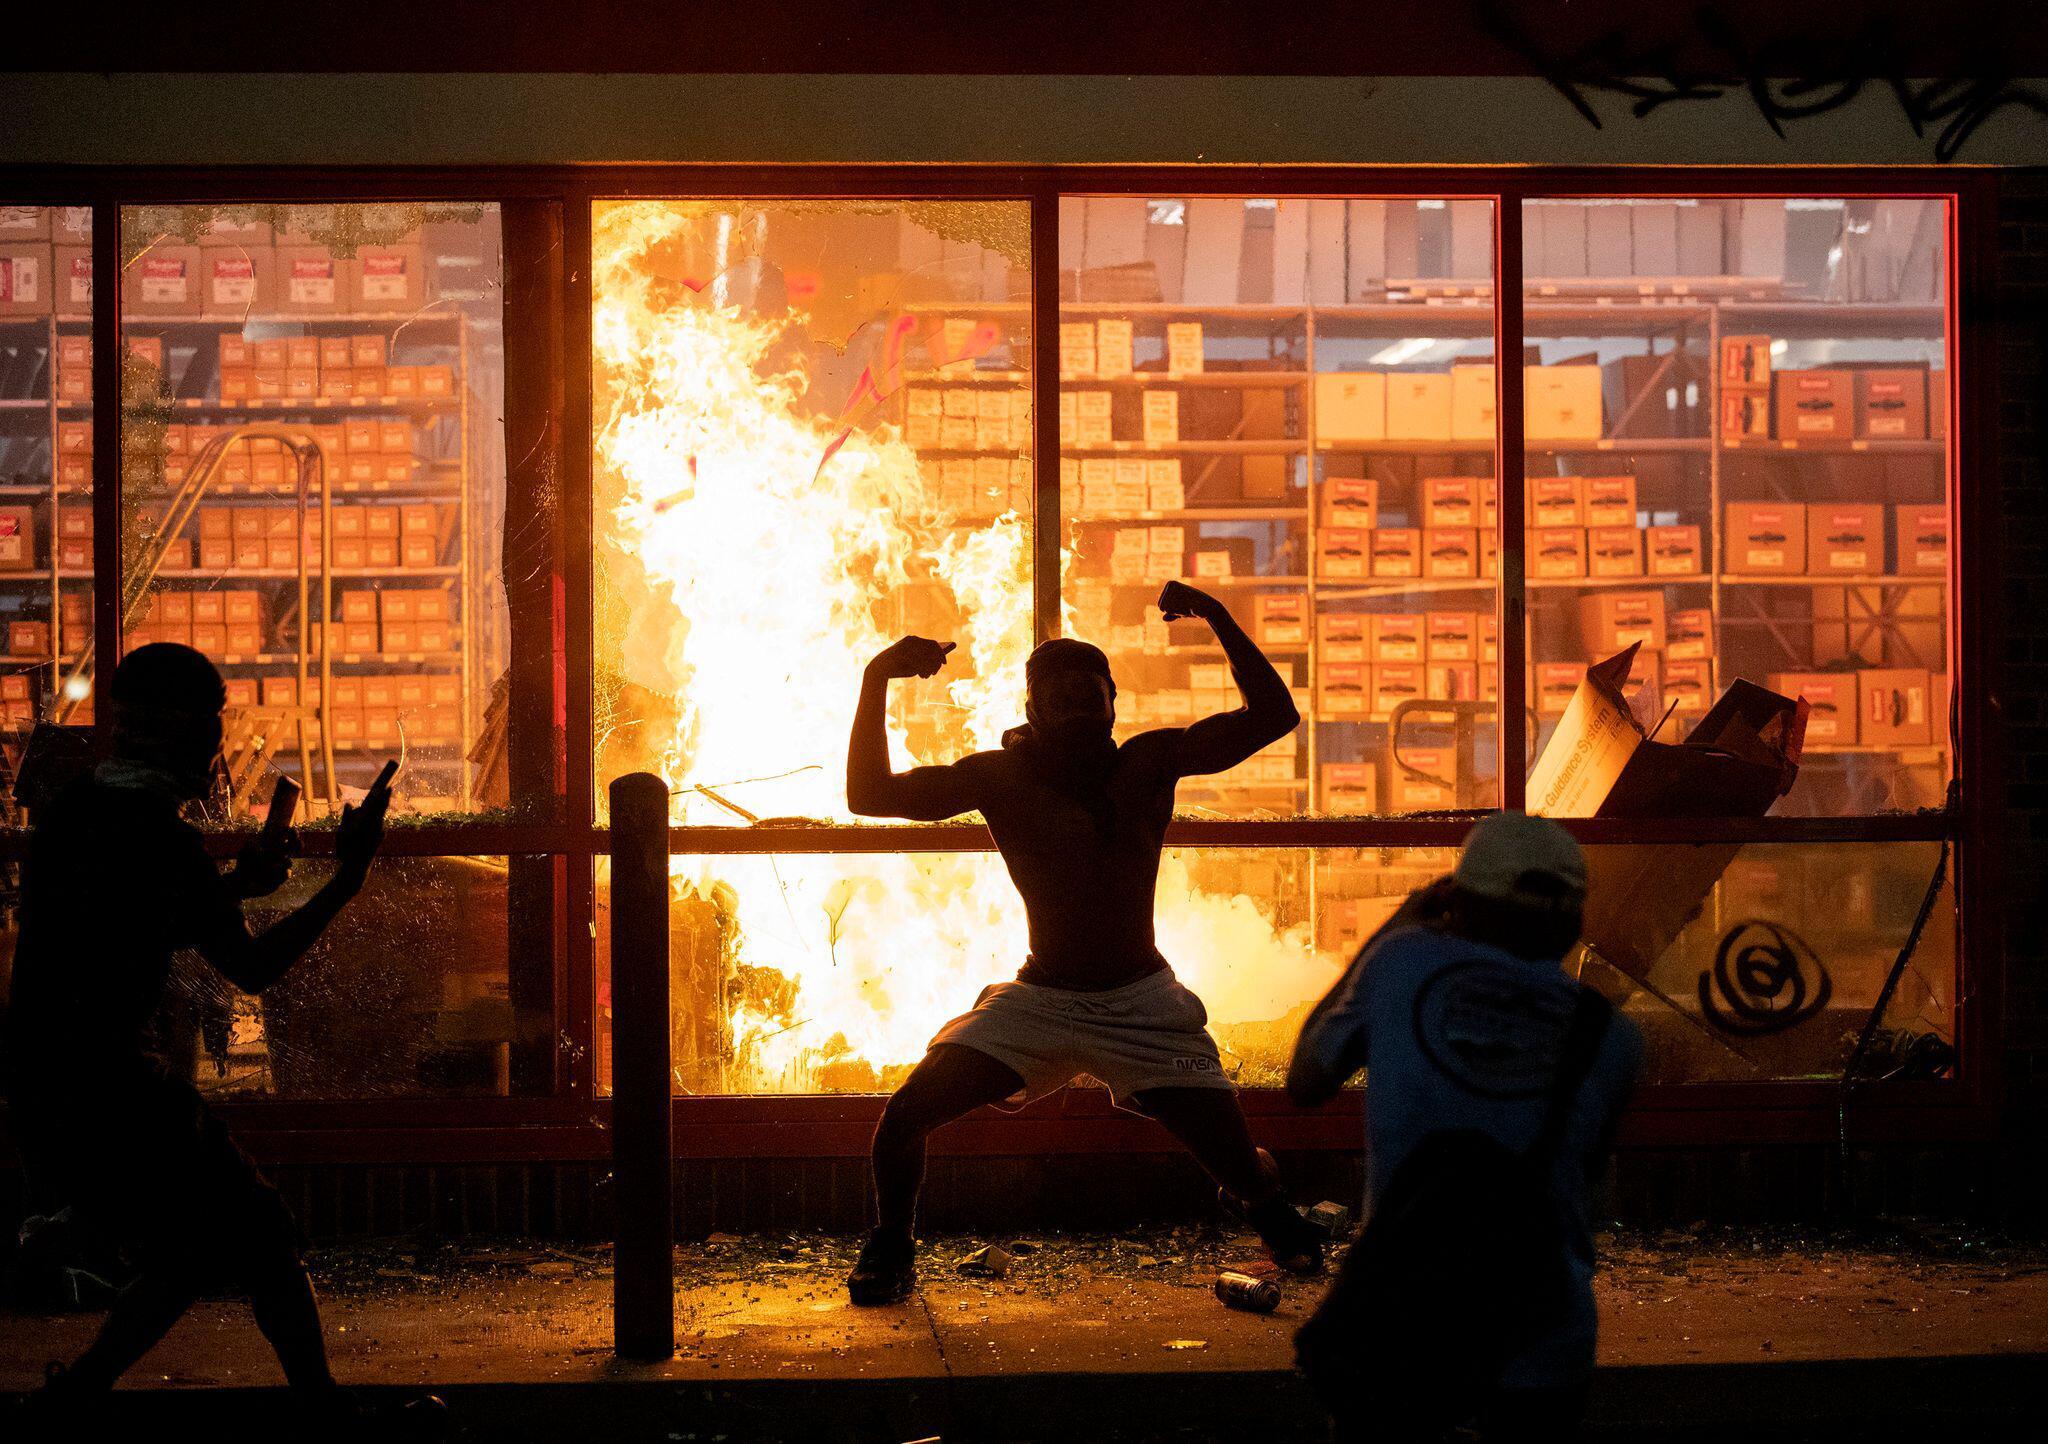 Bild zu Afroamerikaner stirbt nach brutalem Polizeieinsatz